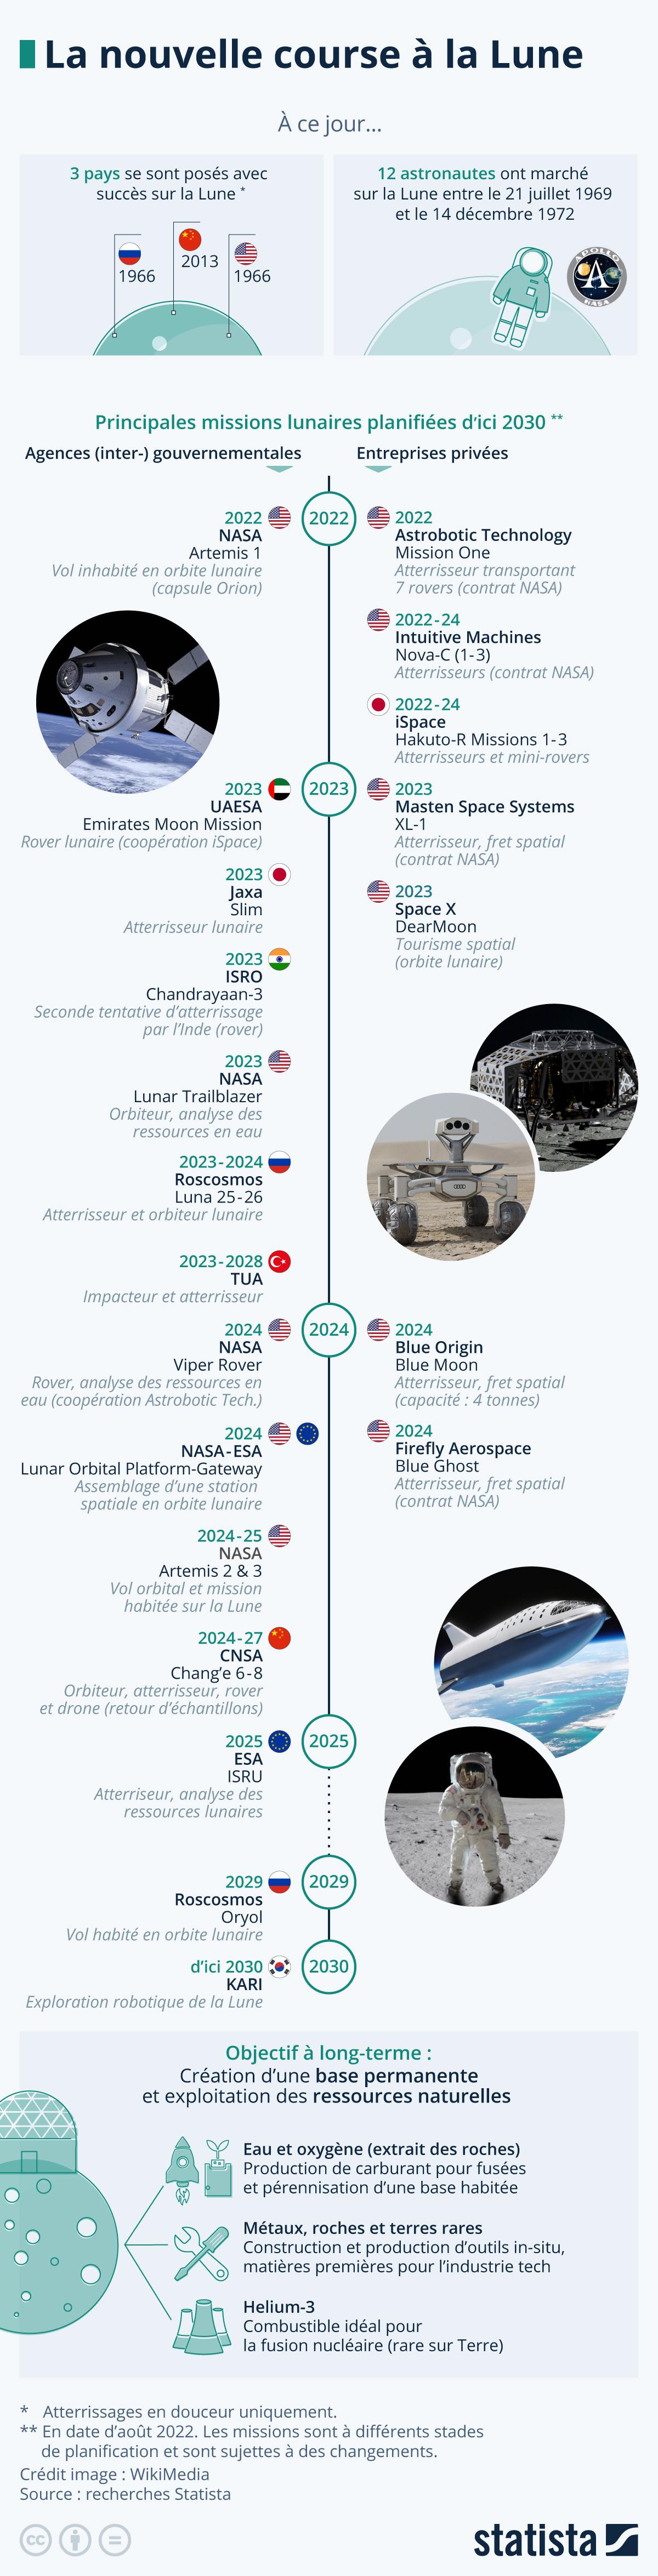 Infographie: La conquête de la Lune est relancée | Statista